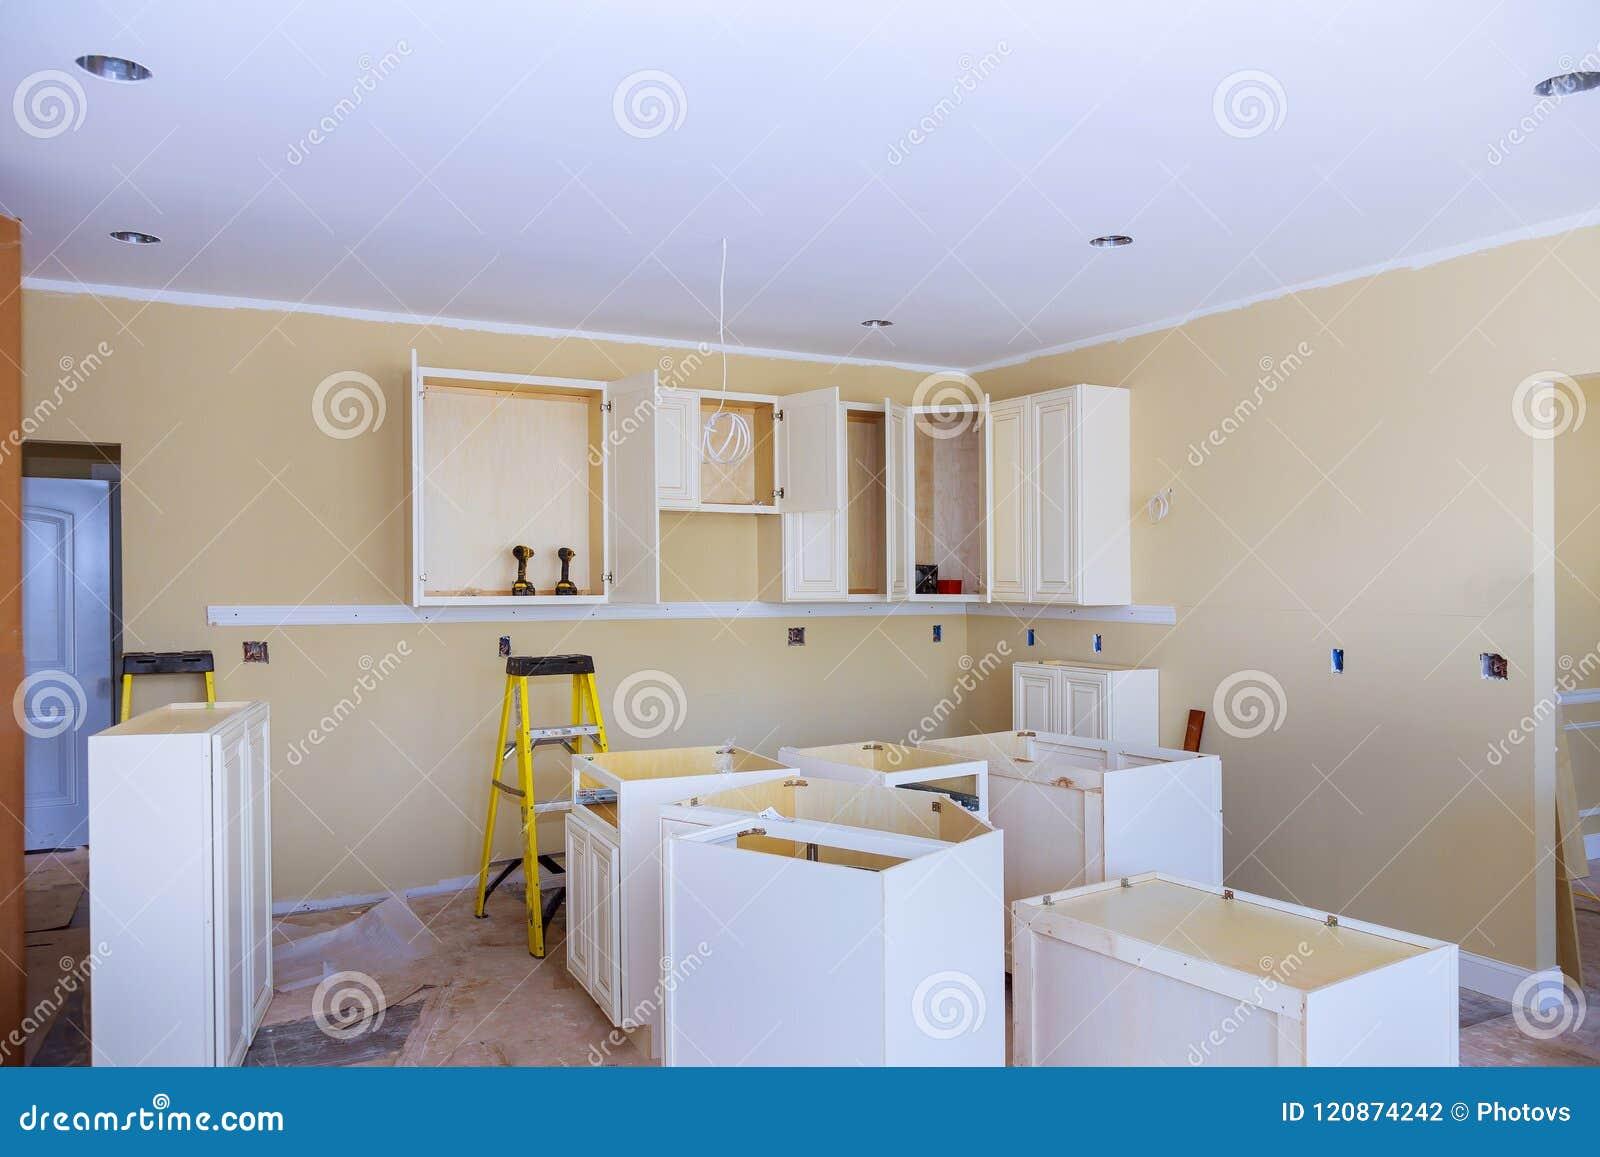 Installation Of Kitchen Installs Kitchen Cabinet. Interior ...